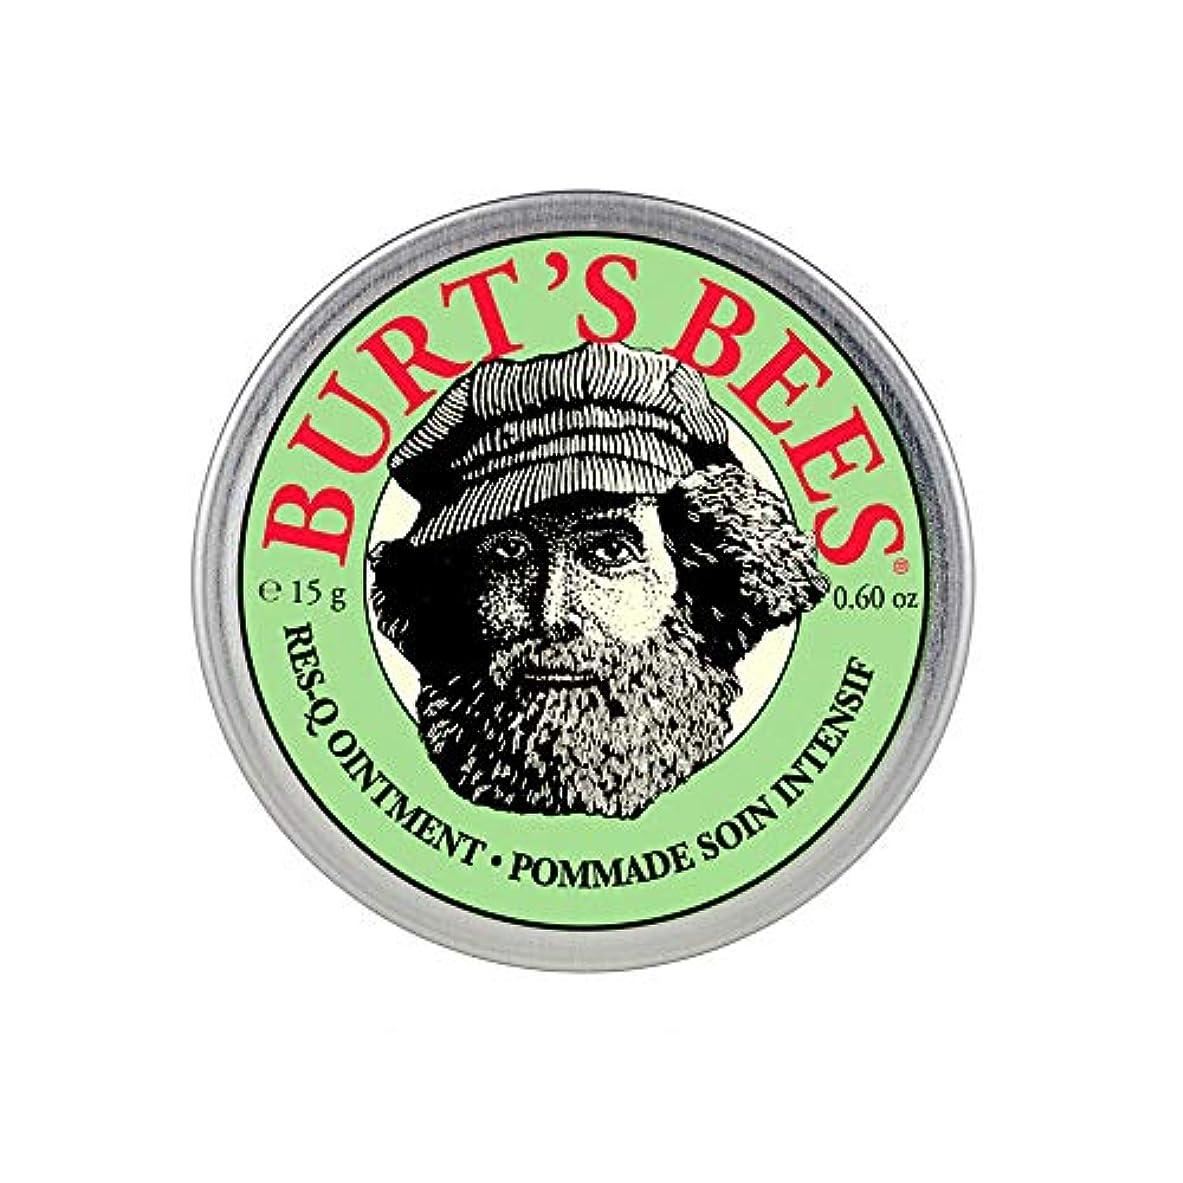 ビームうがい薬野生バーツビーズ(Burt's Bees) レスキュー オイントメント 15g [100%ナチュラル、軟膏] [海外直送][並行輸入品]